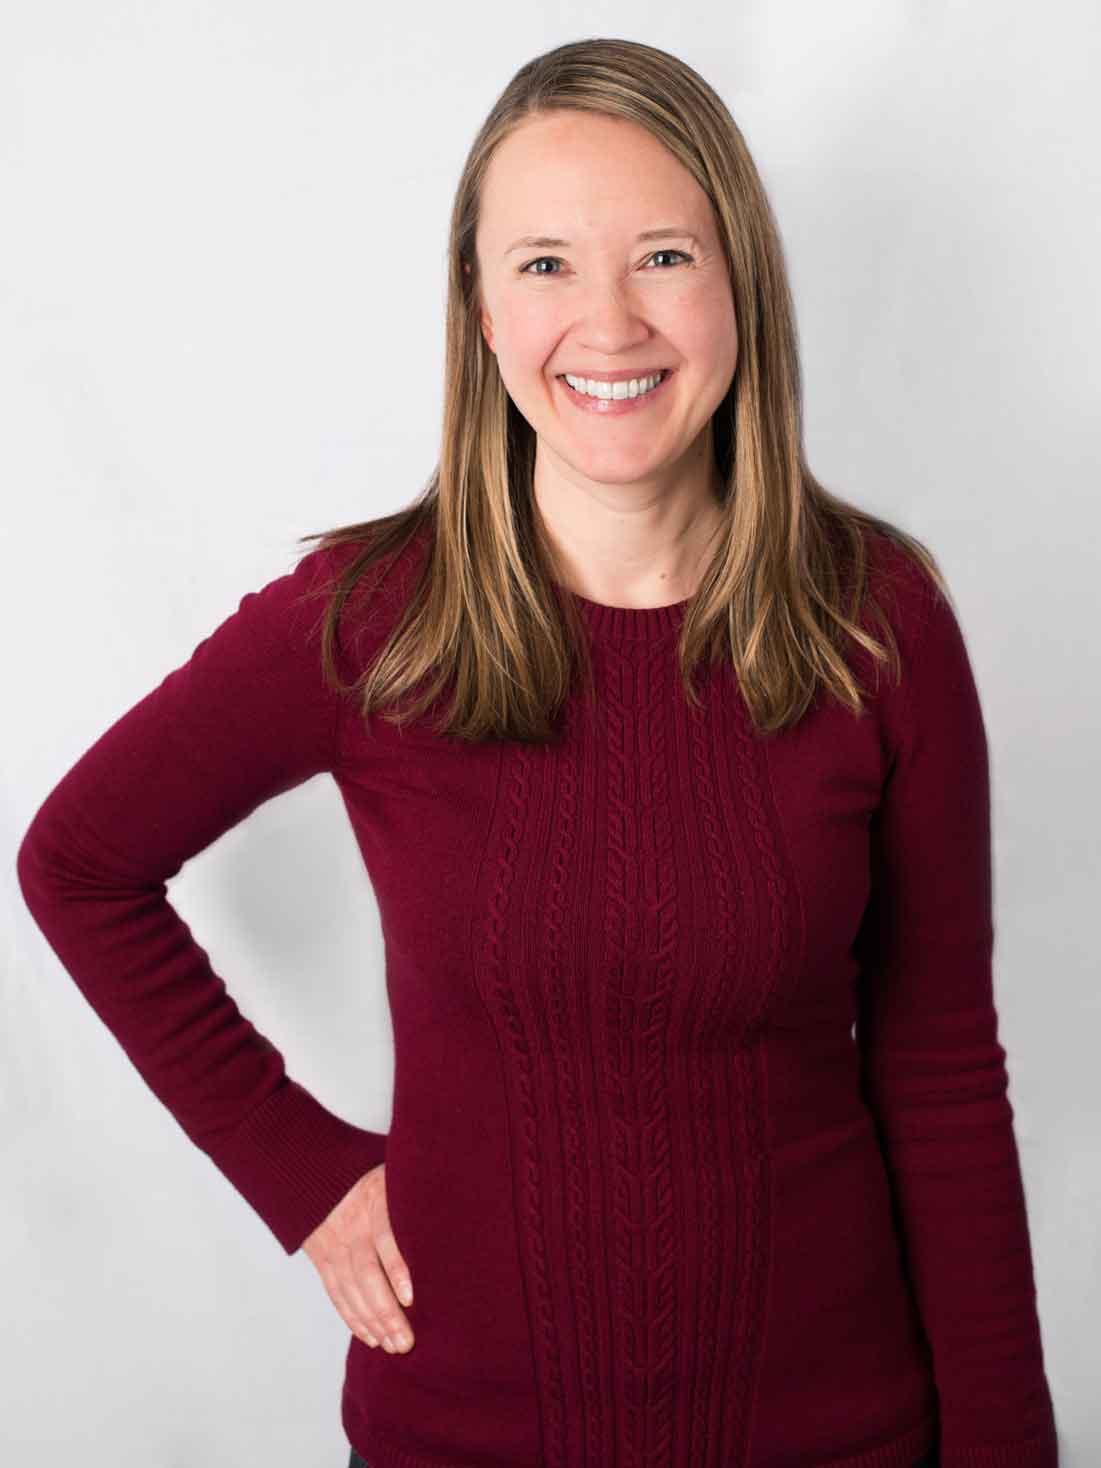 Dr. Monica Carter